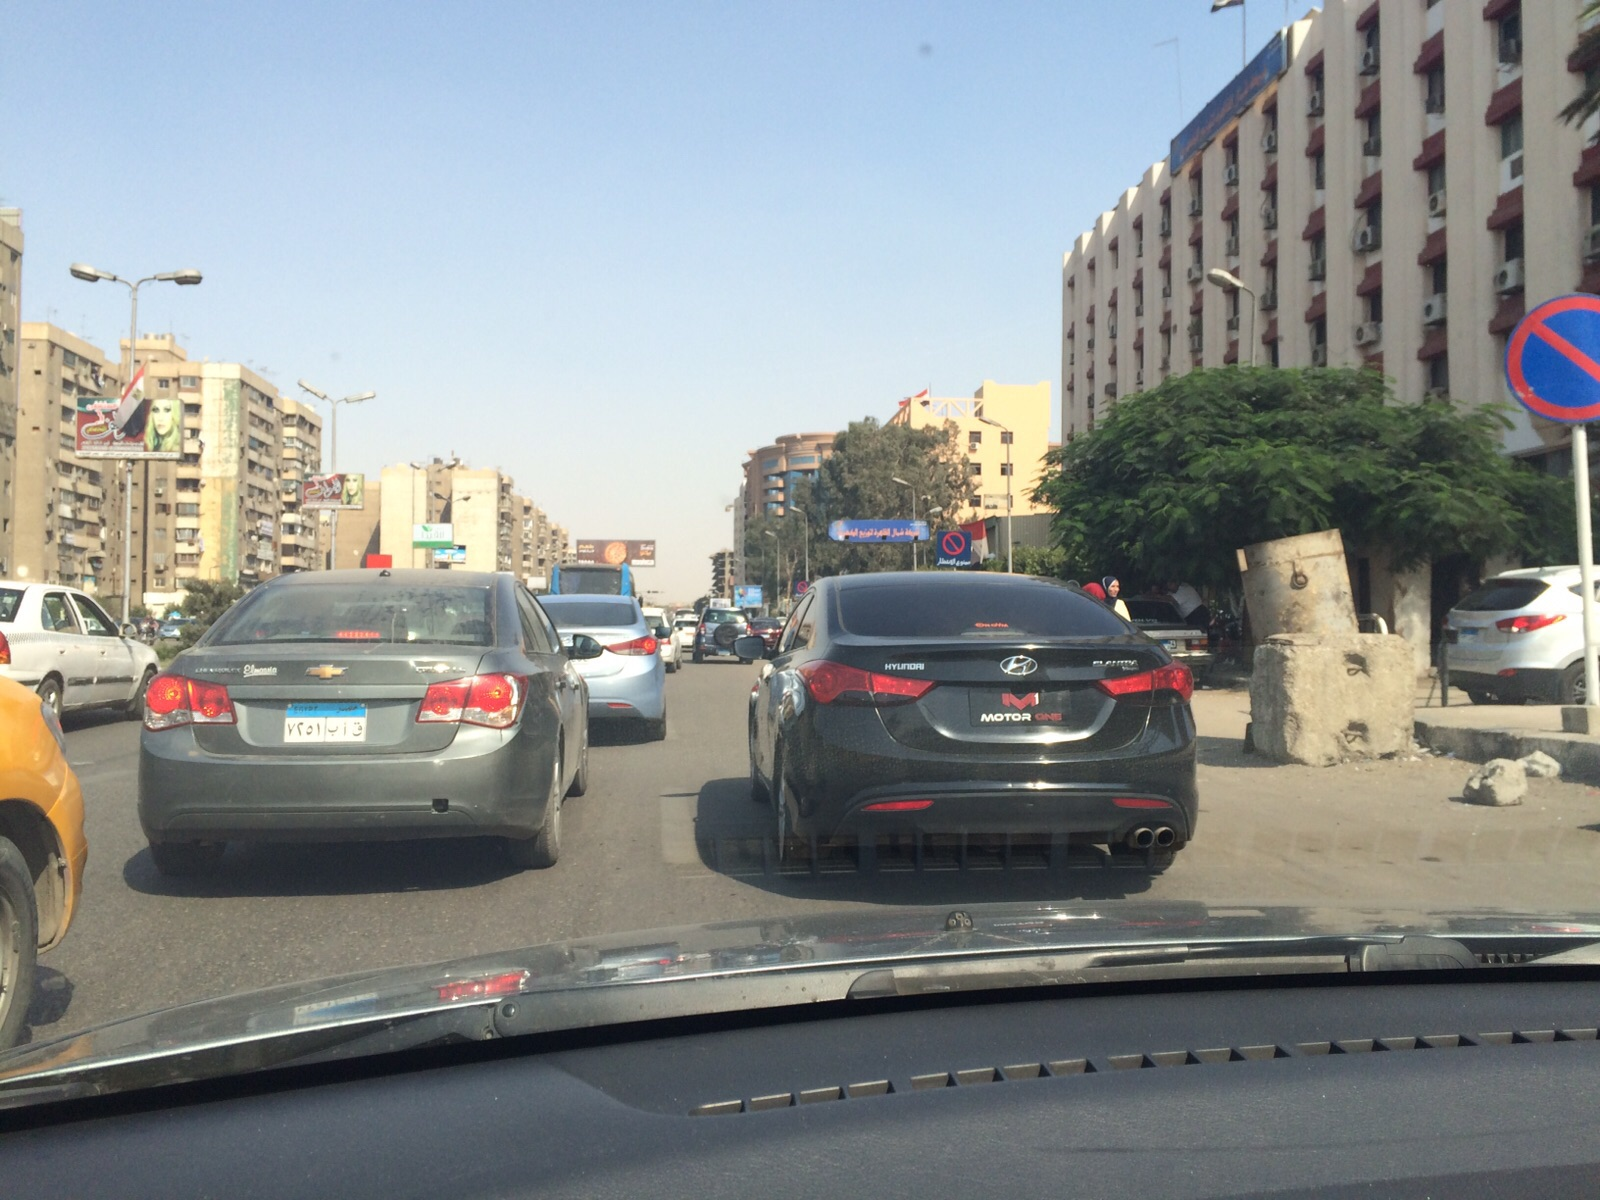 بالصور... سيارة مخالفة دون لوحات معدنية أمام قسم مدينة نصر